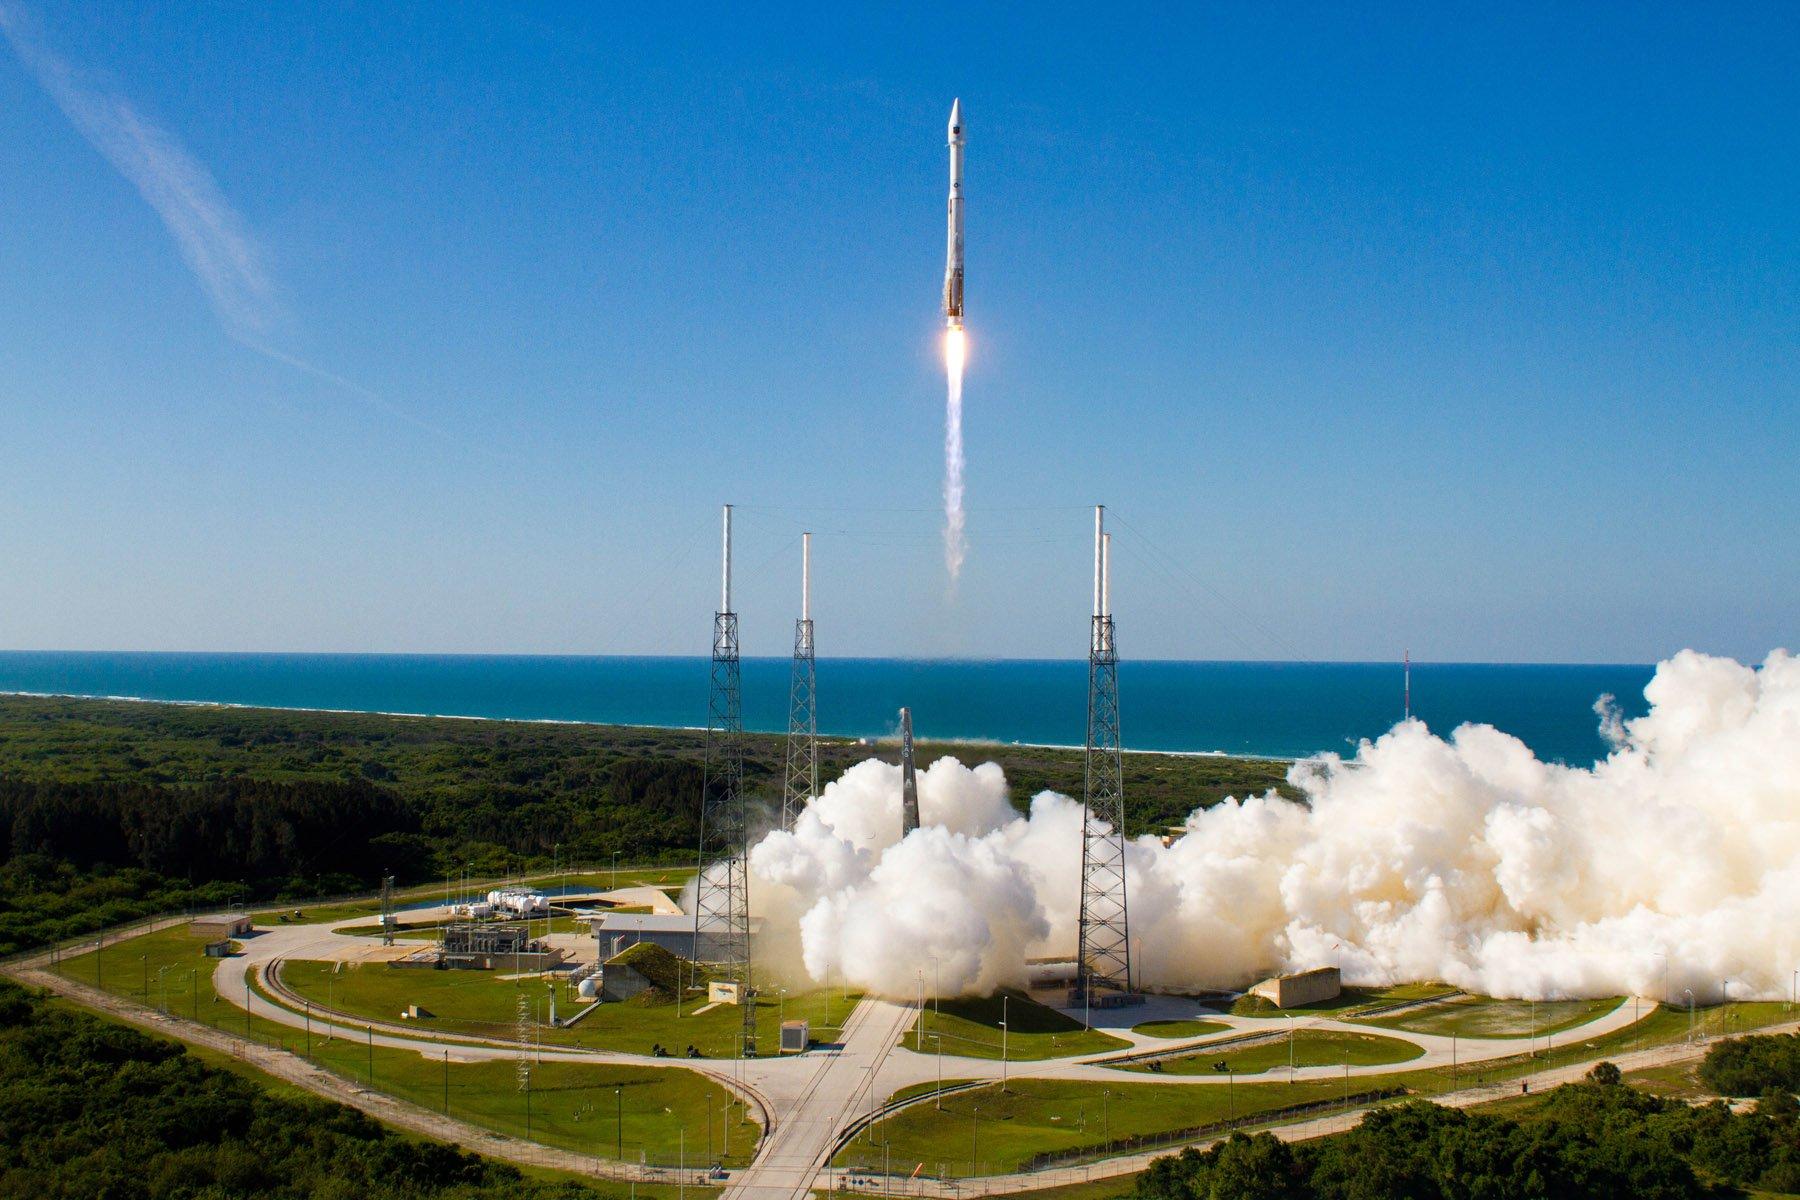 Yeni GPS Uydusu Atlas 5 Roketi ile Fırlatıldı